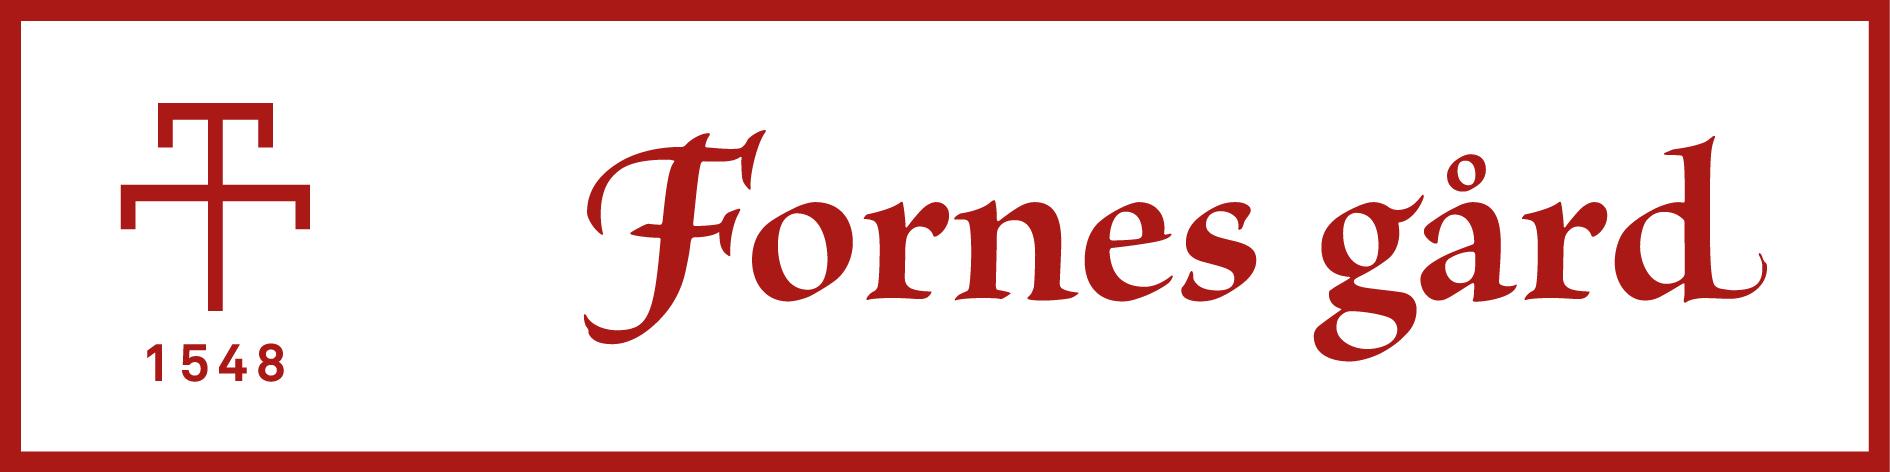 Fornes gård logo avlang rammer-02.png